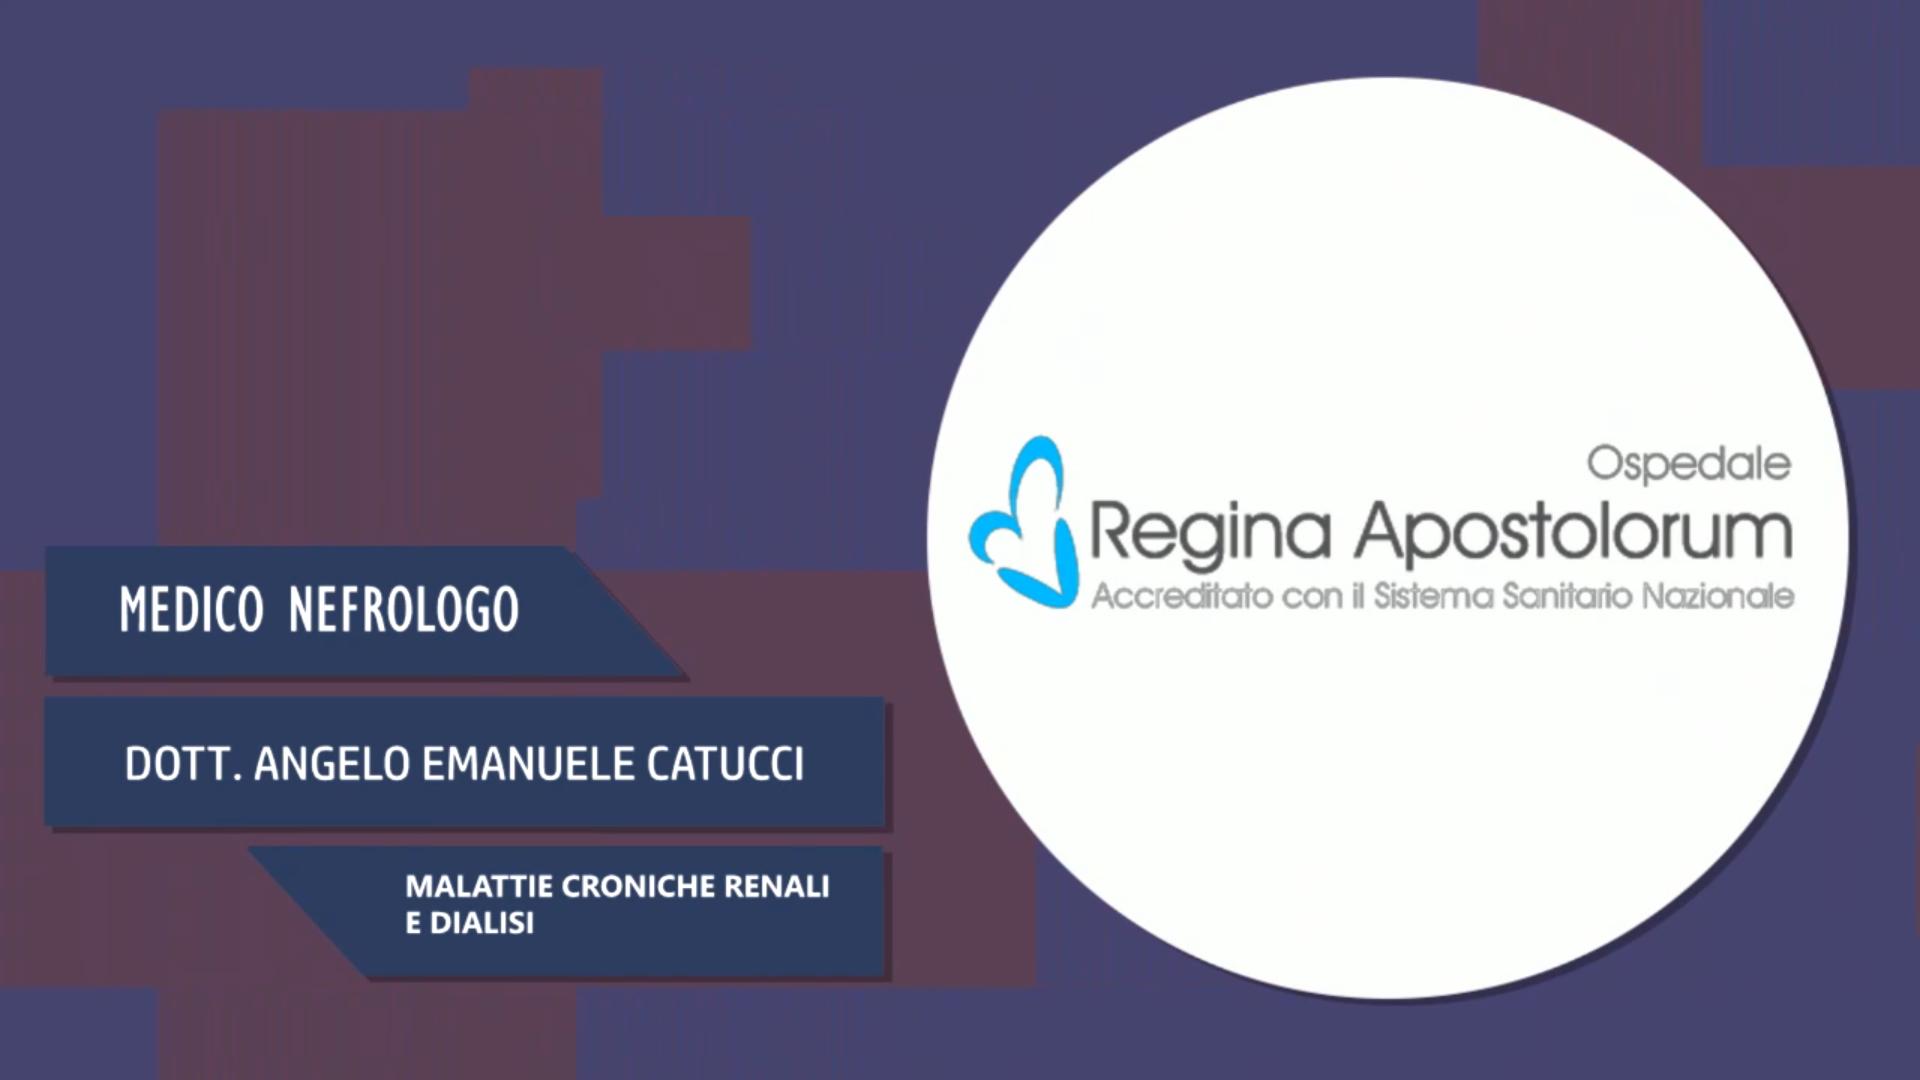 Intervista al Dott. Angelo Emanuele Catucci – Malattie croniche renali e dialisi